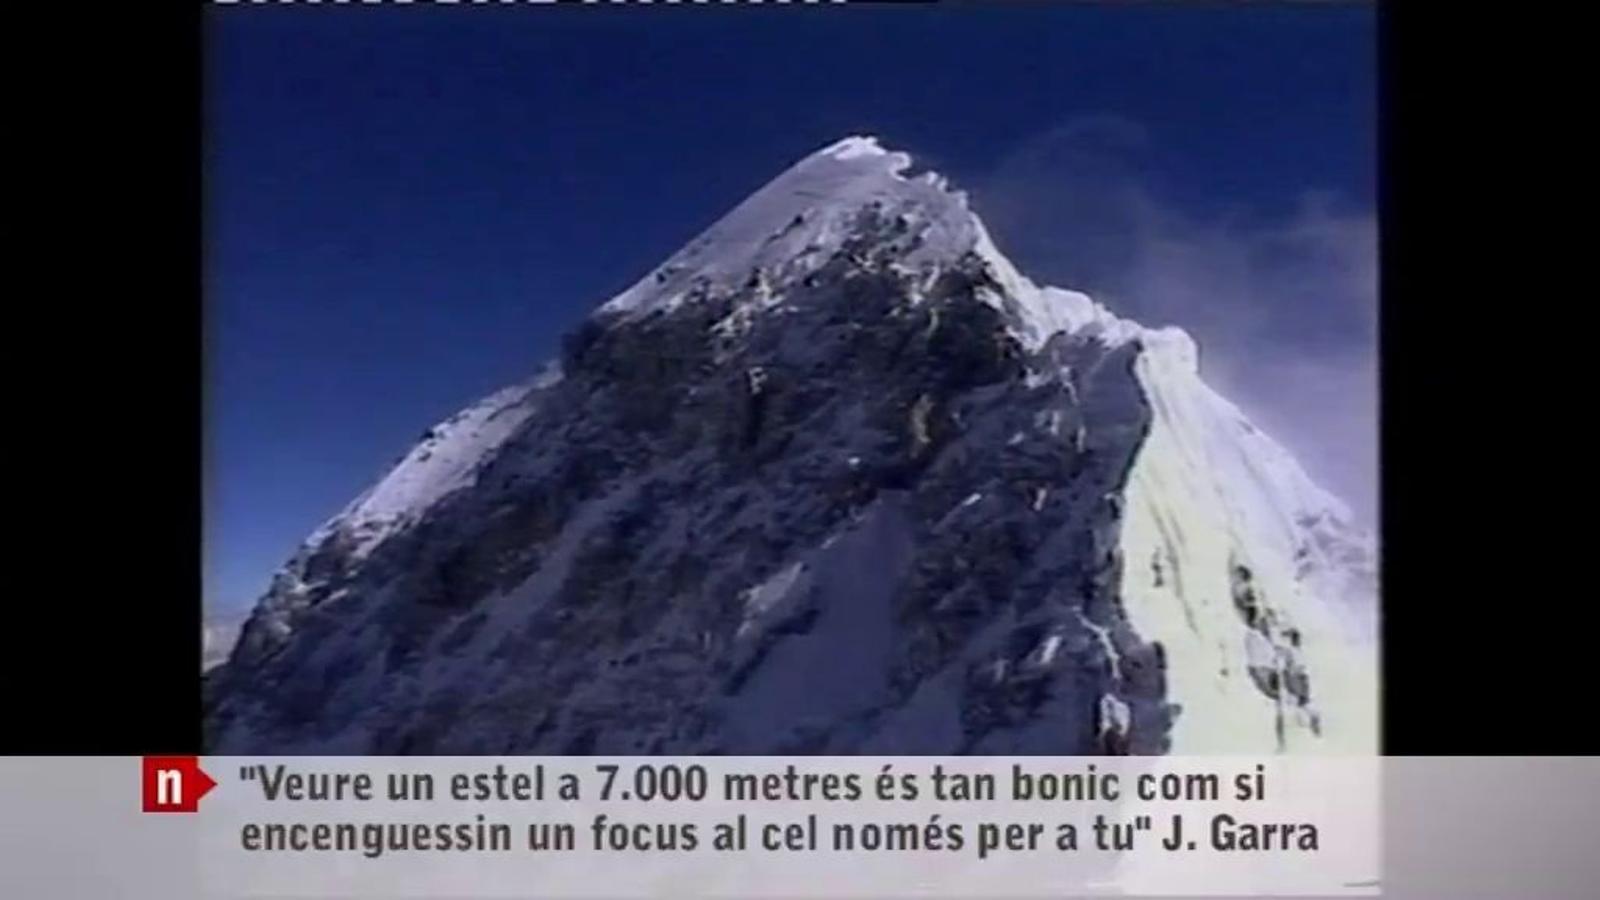 Televisió de Lleida ret homenatge a l'alpinista Juanjo Garra amb un emotiu vídeo